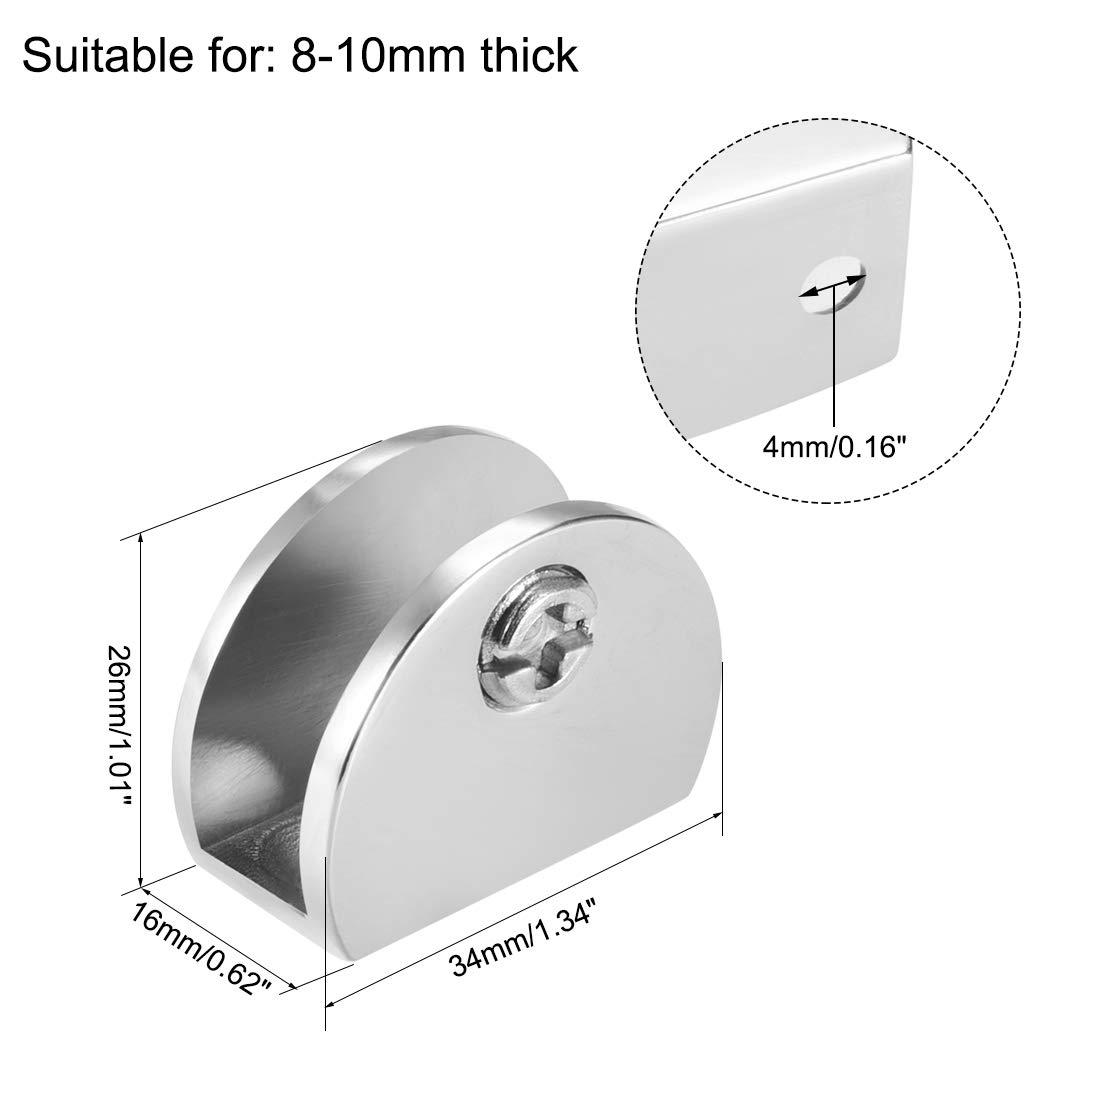 4 pcs sourcing map Supports pour tablettes de verre pince /à verre en alliage de zinc rond pour 5-8 mm